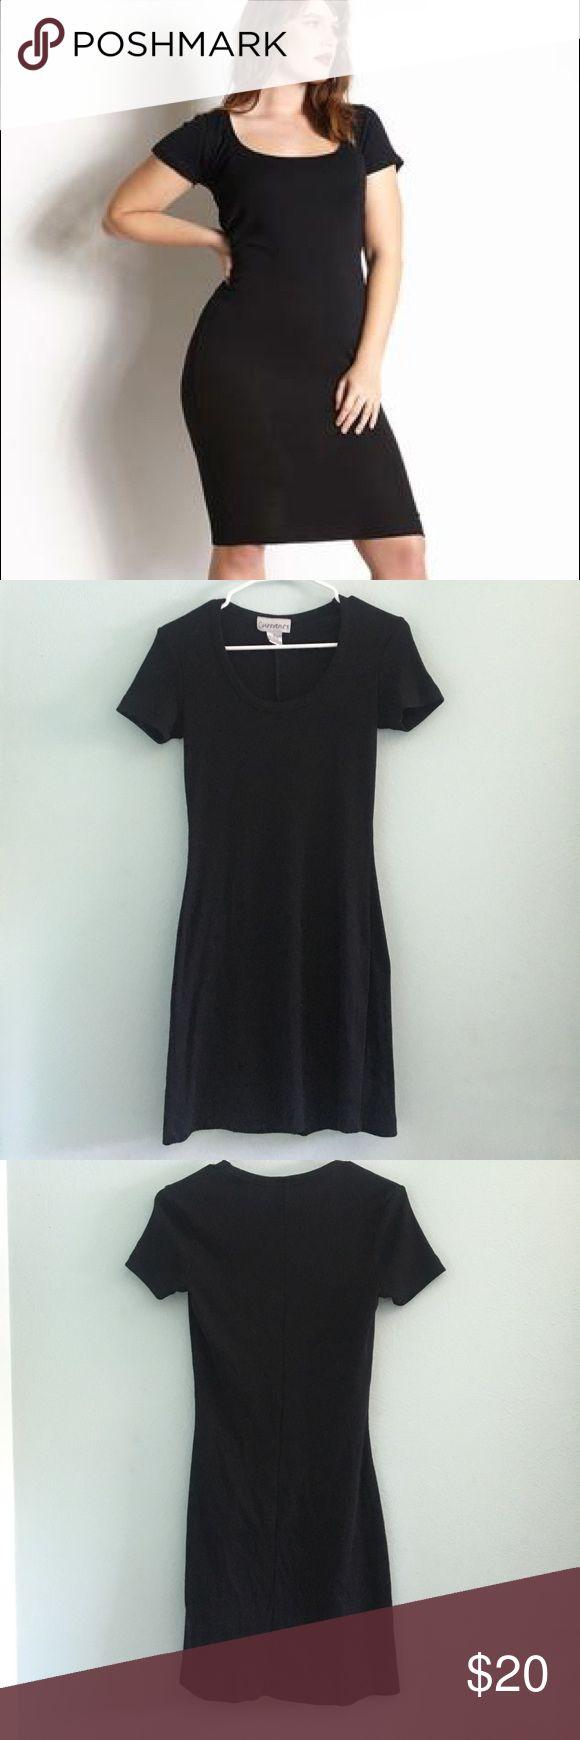 Vintage • Black ribbed scoop neck dress Black vintage ribbed dress. Scoop neck. Size S. Brand is Currants. Vintage Dresses Mini